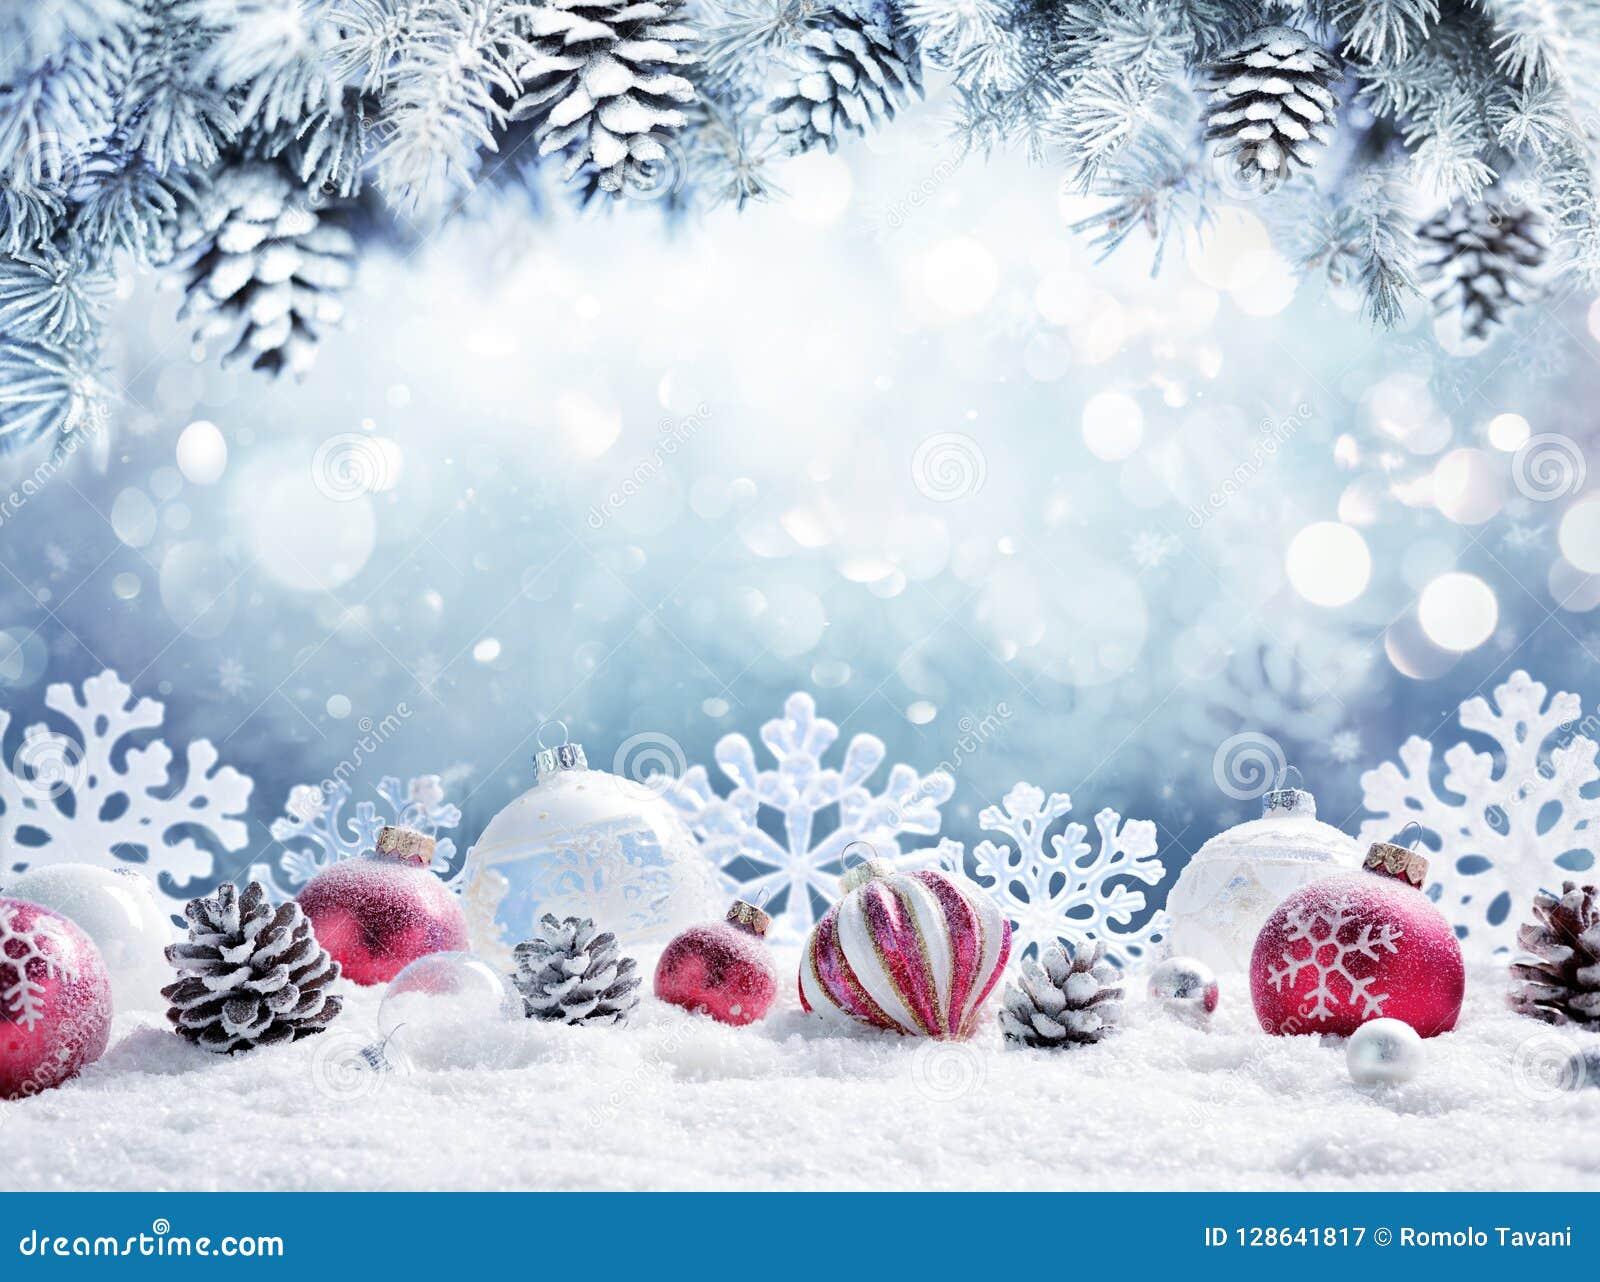 Рождественская открытка - безделушки на снеге